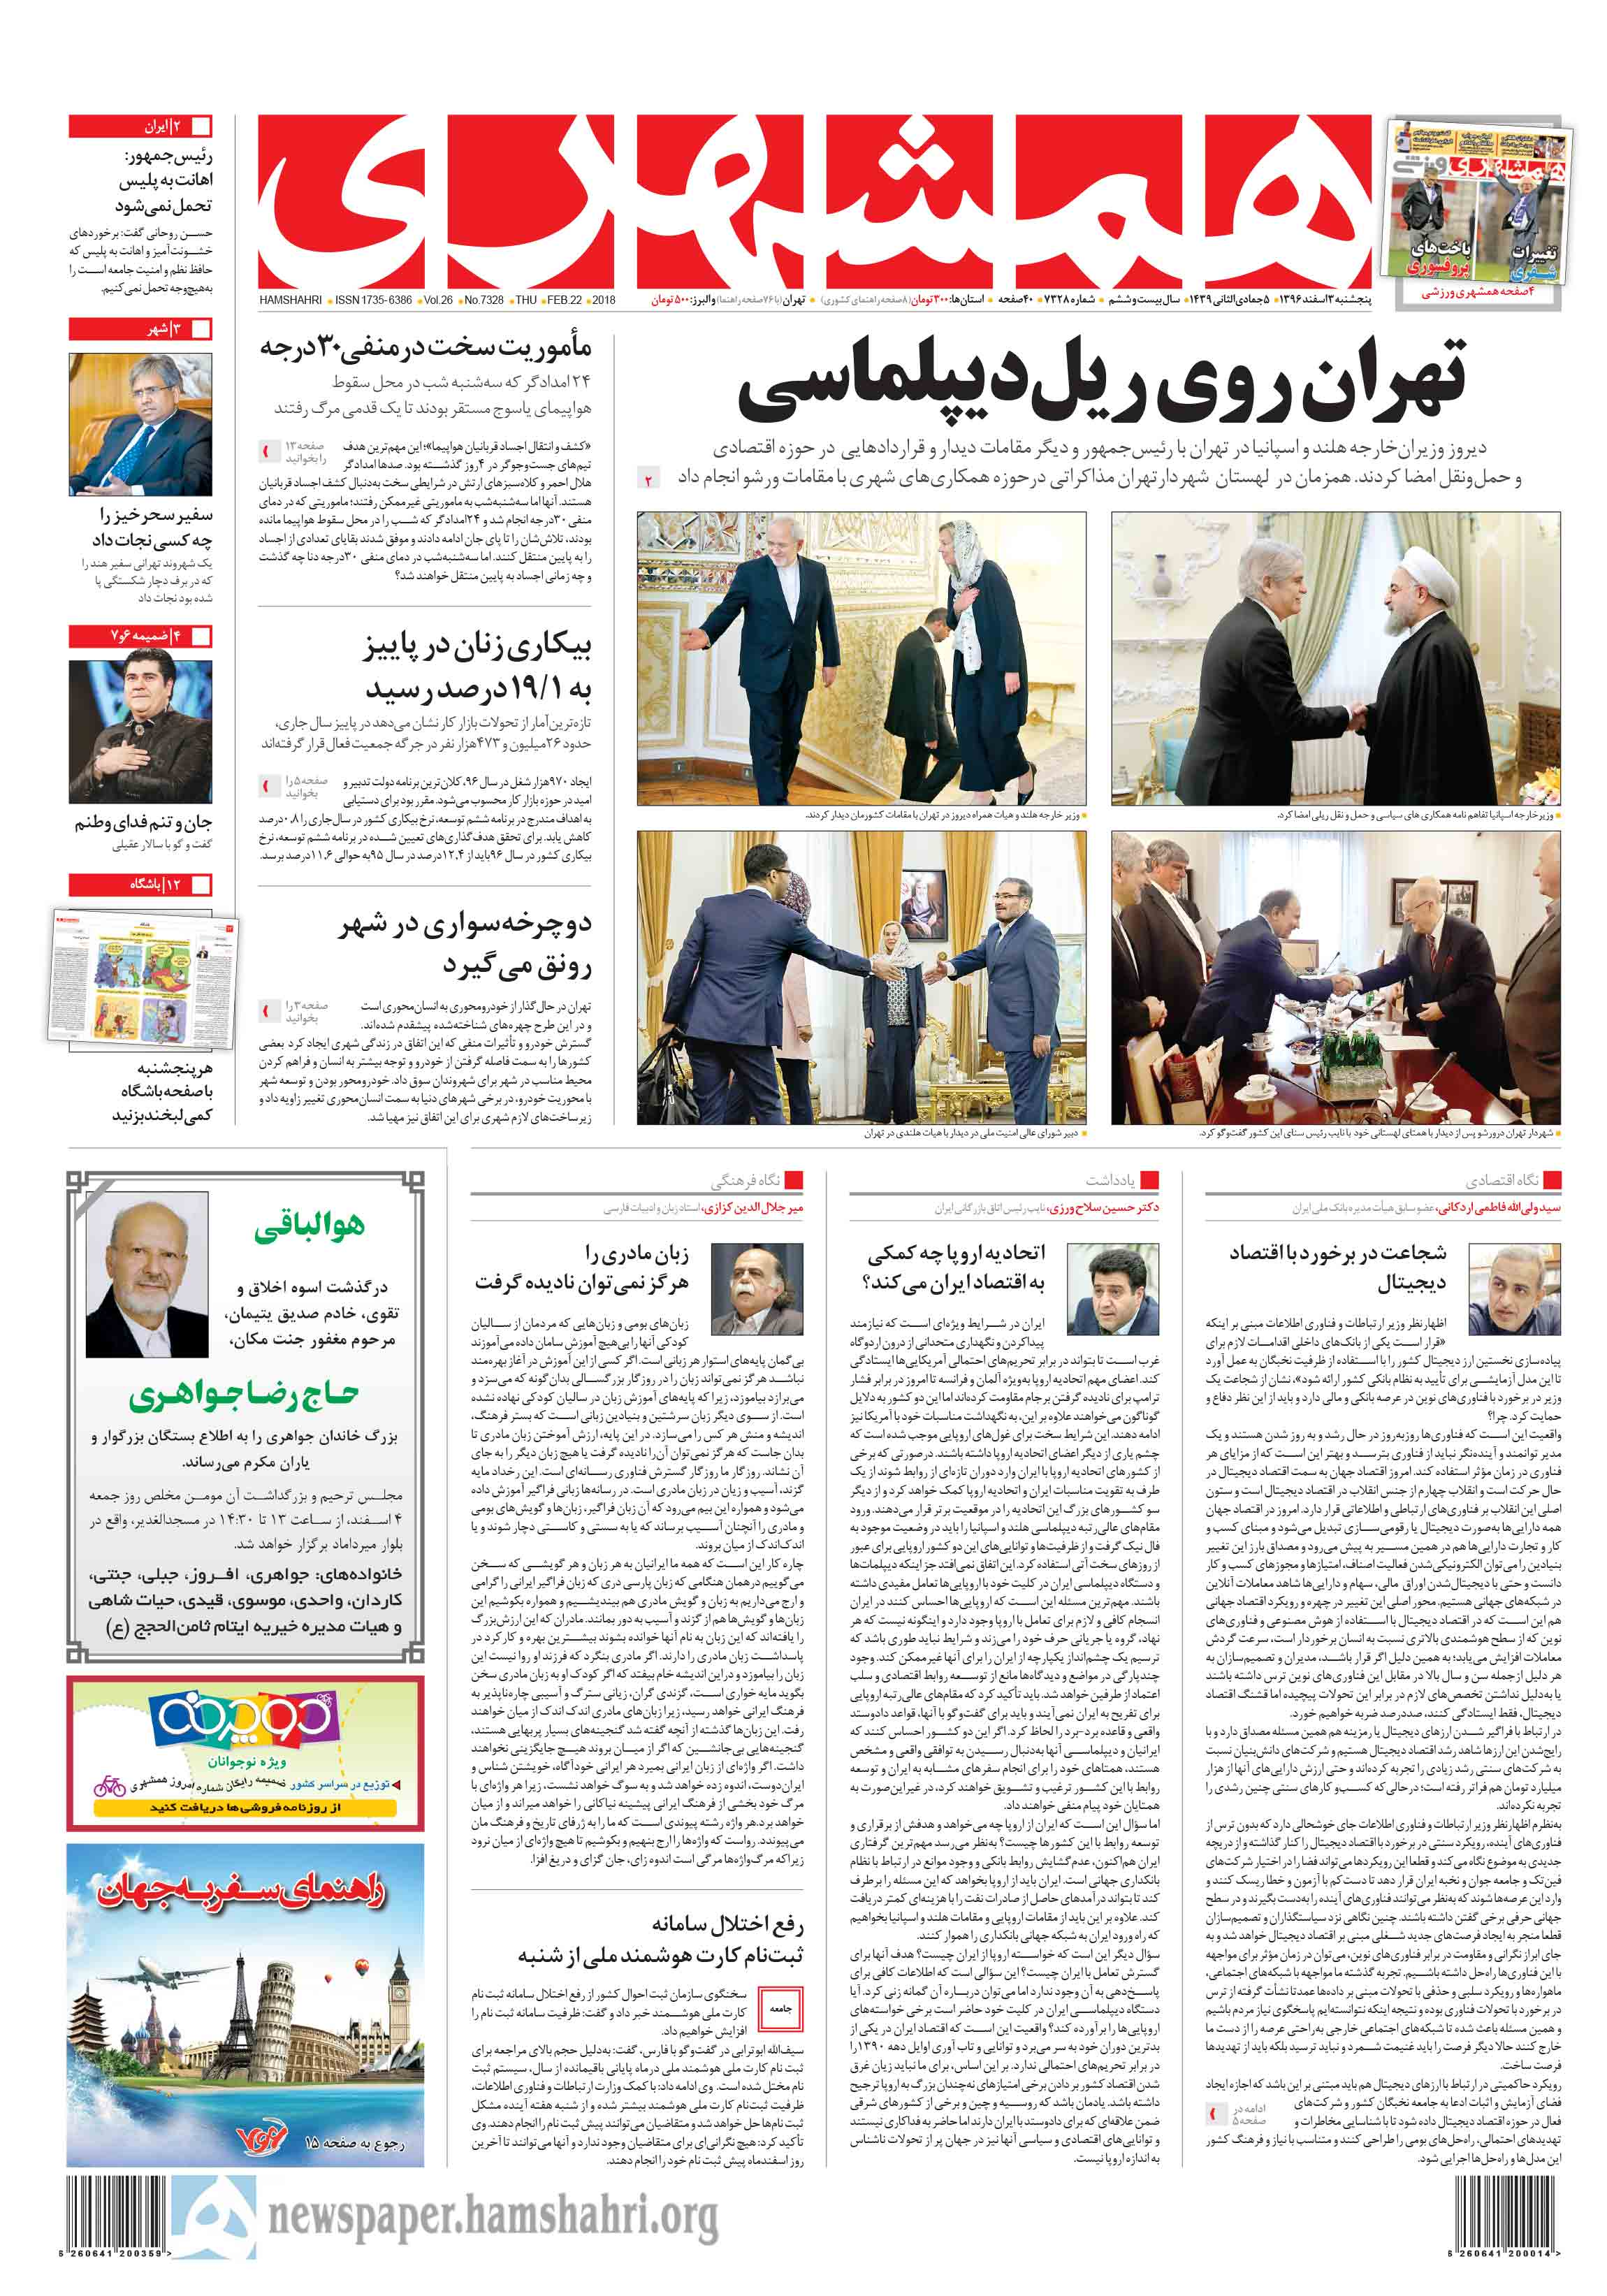 صفحه اول پنجشنبه 3 اسفندماه 1396